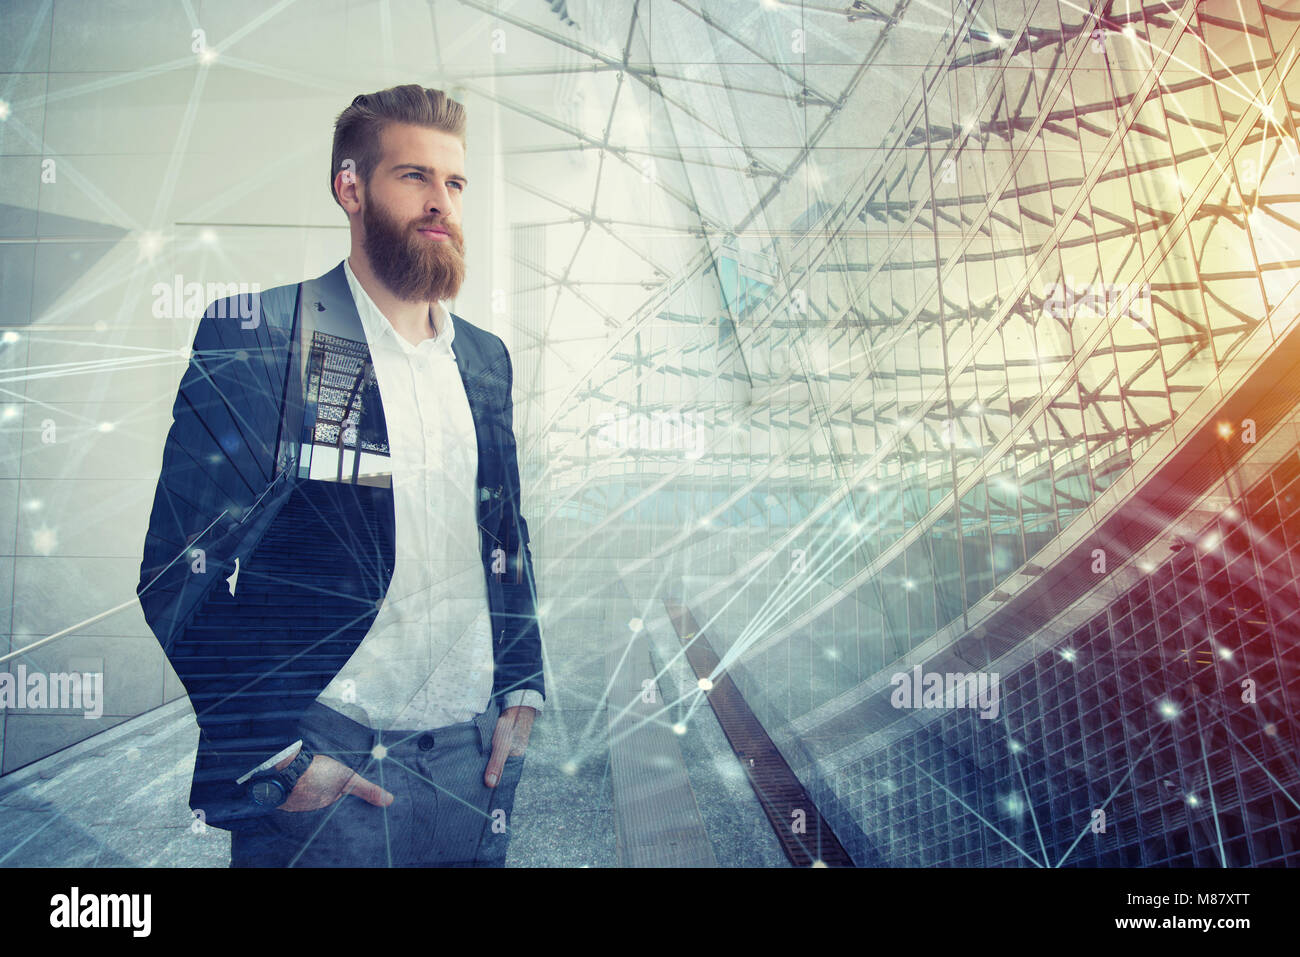 Imprenditore guarda lontano per il futuro. Concetto di innovazione e startup Immagini Stock